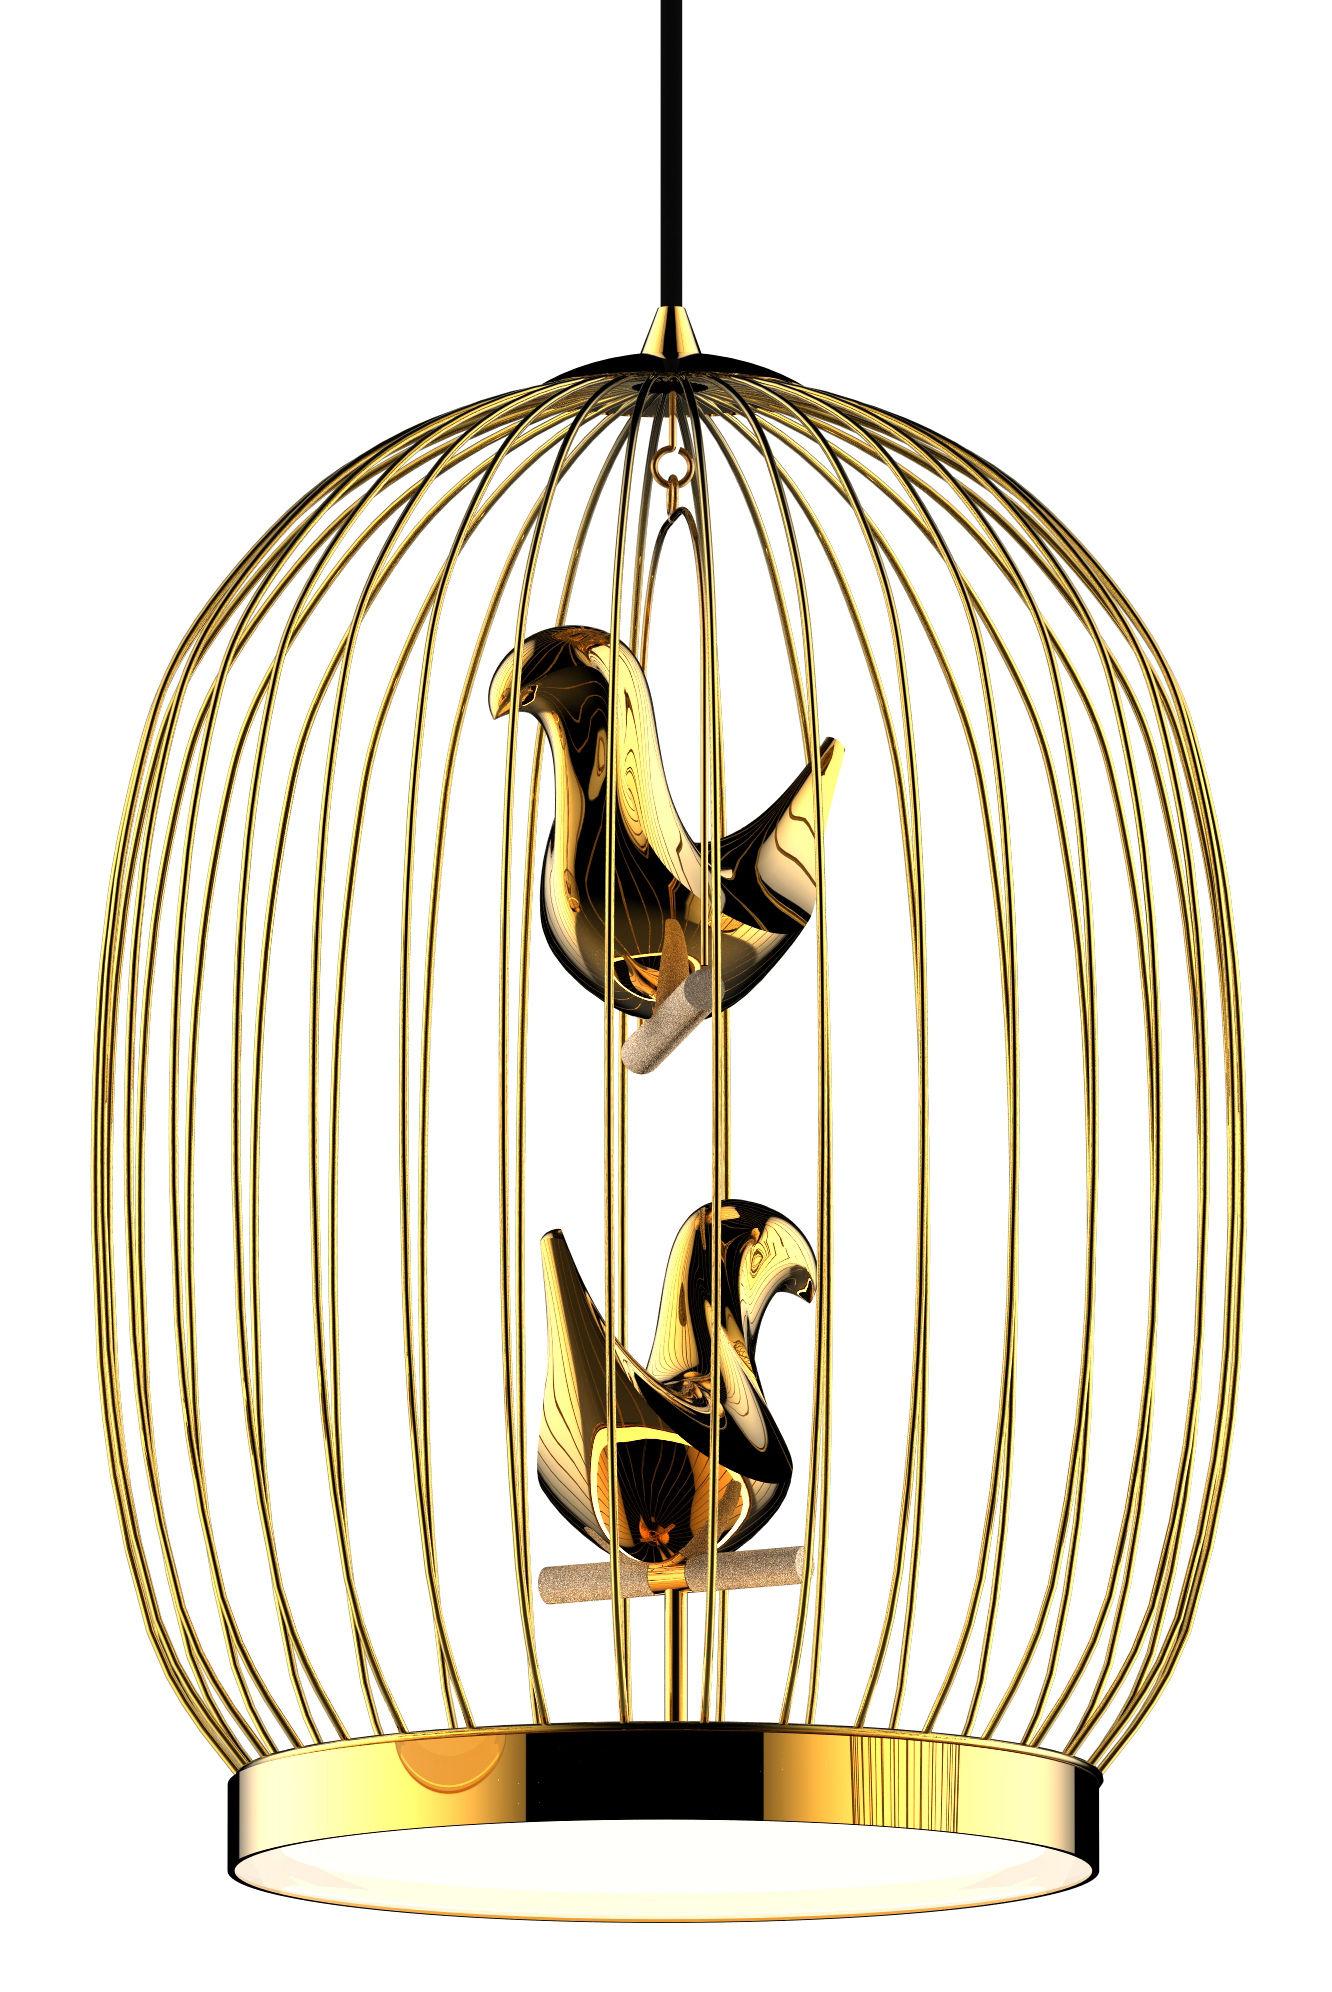 Luminaire - Suspensions - Suspension Twee T. Large / LED - H 56 cm - Plaqué or - Casamania - Suspension / Or - Céramique plaquée or, Métal plaqué or